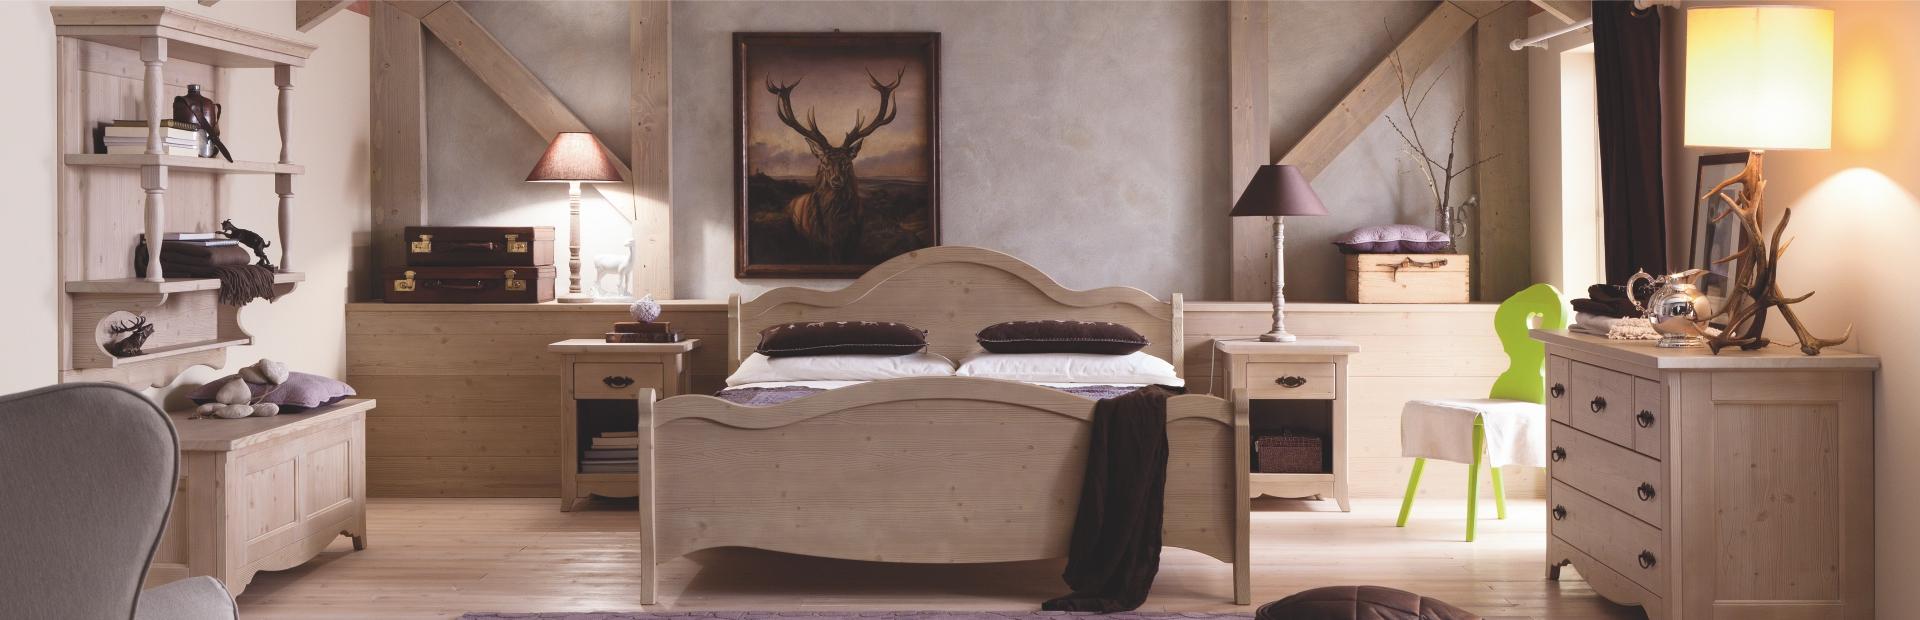 Mobili in legno massello arredamento classico for Camerette in legno massello